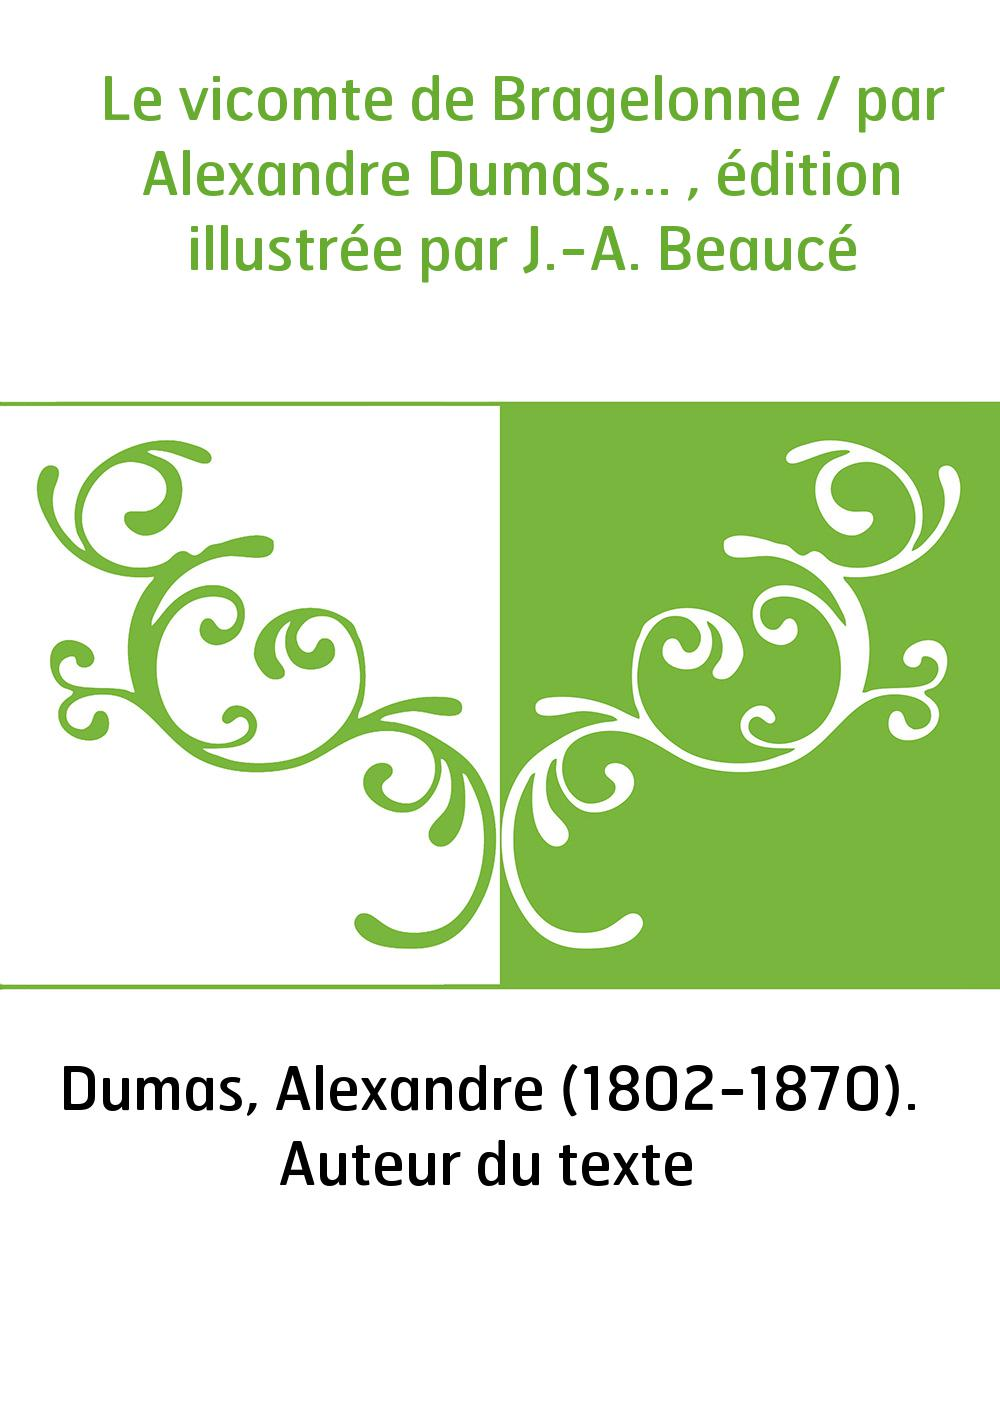 Le vicomte de Bragelonne / par Alexandre Dumas,... , édition illustrée par J.-A. Beaucé